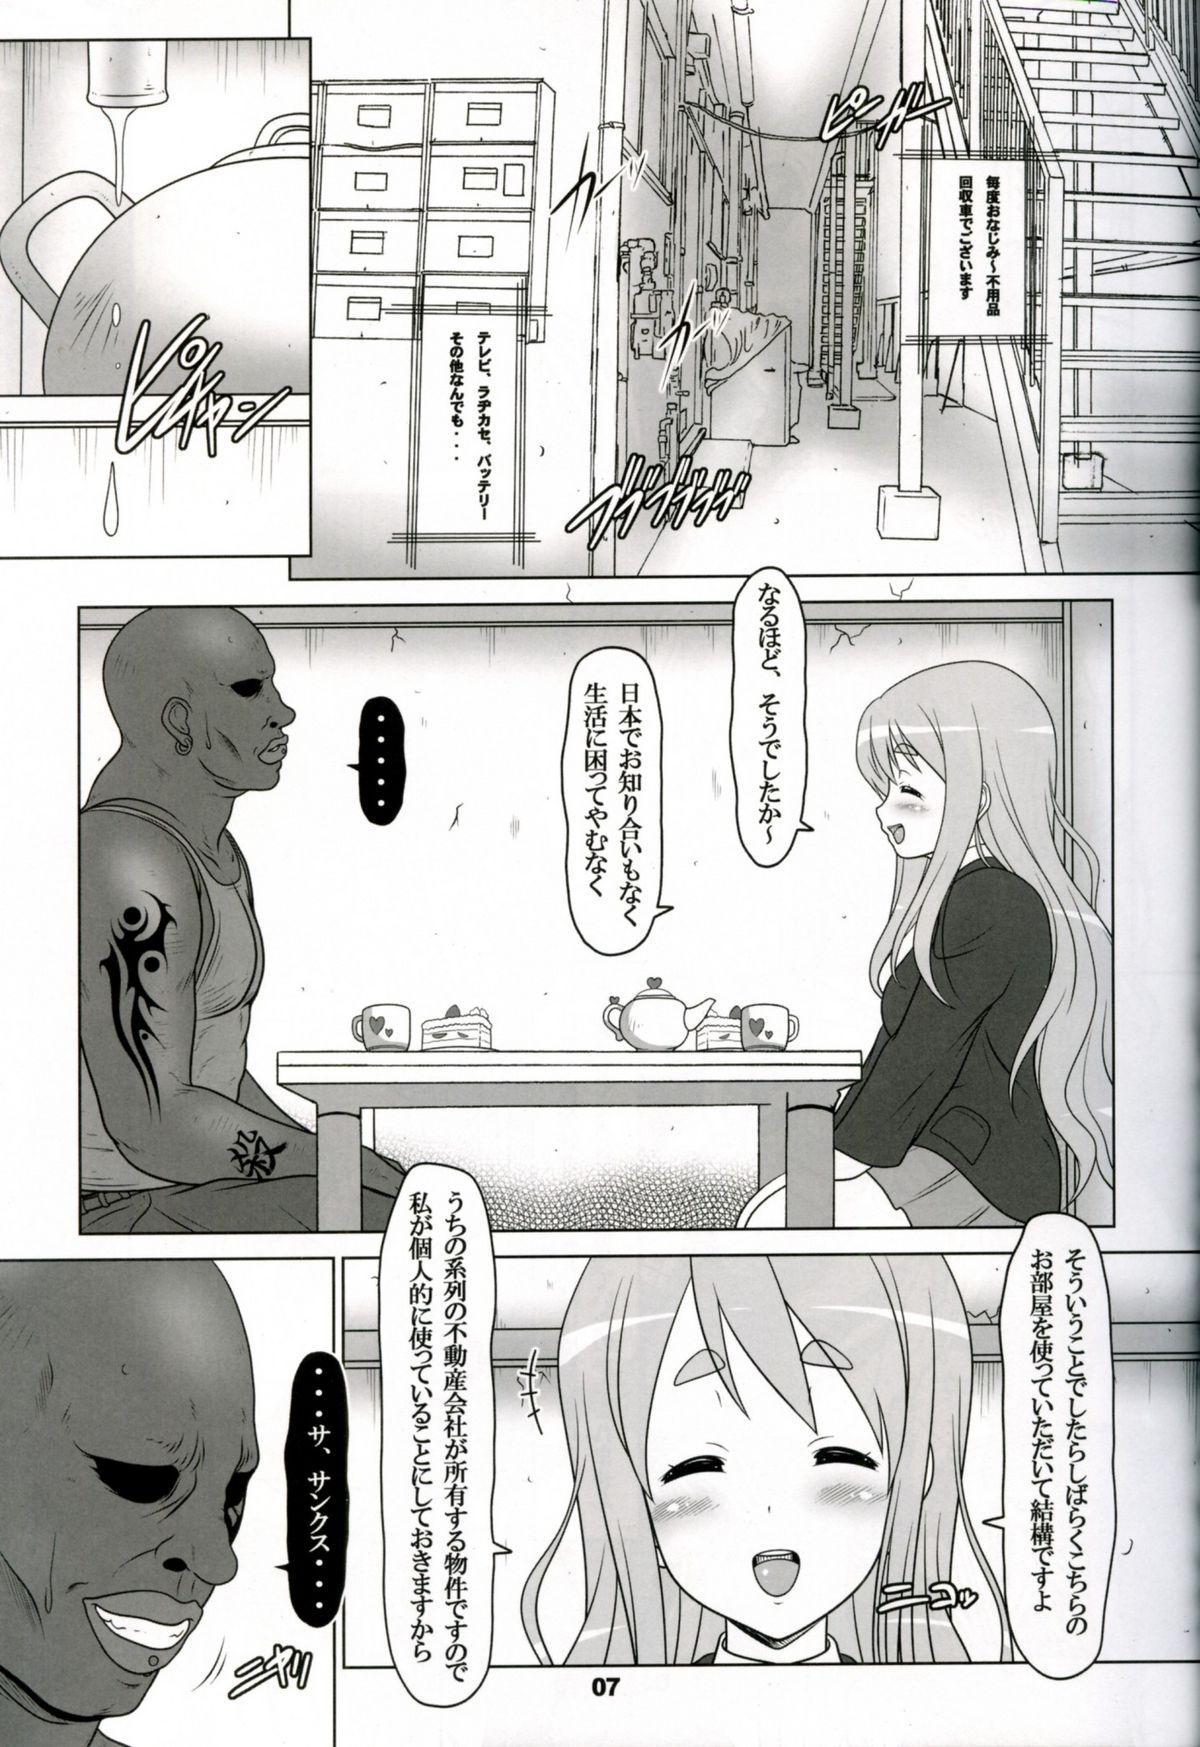 Kuroiro Jikan - Black Time 5